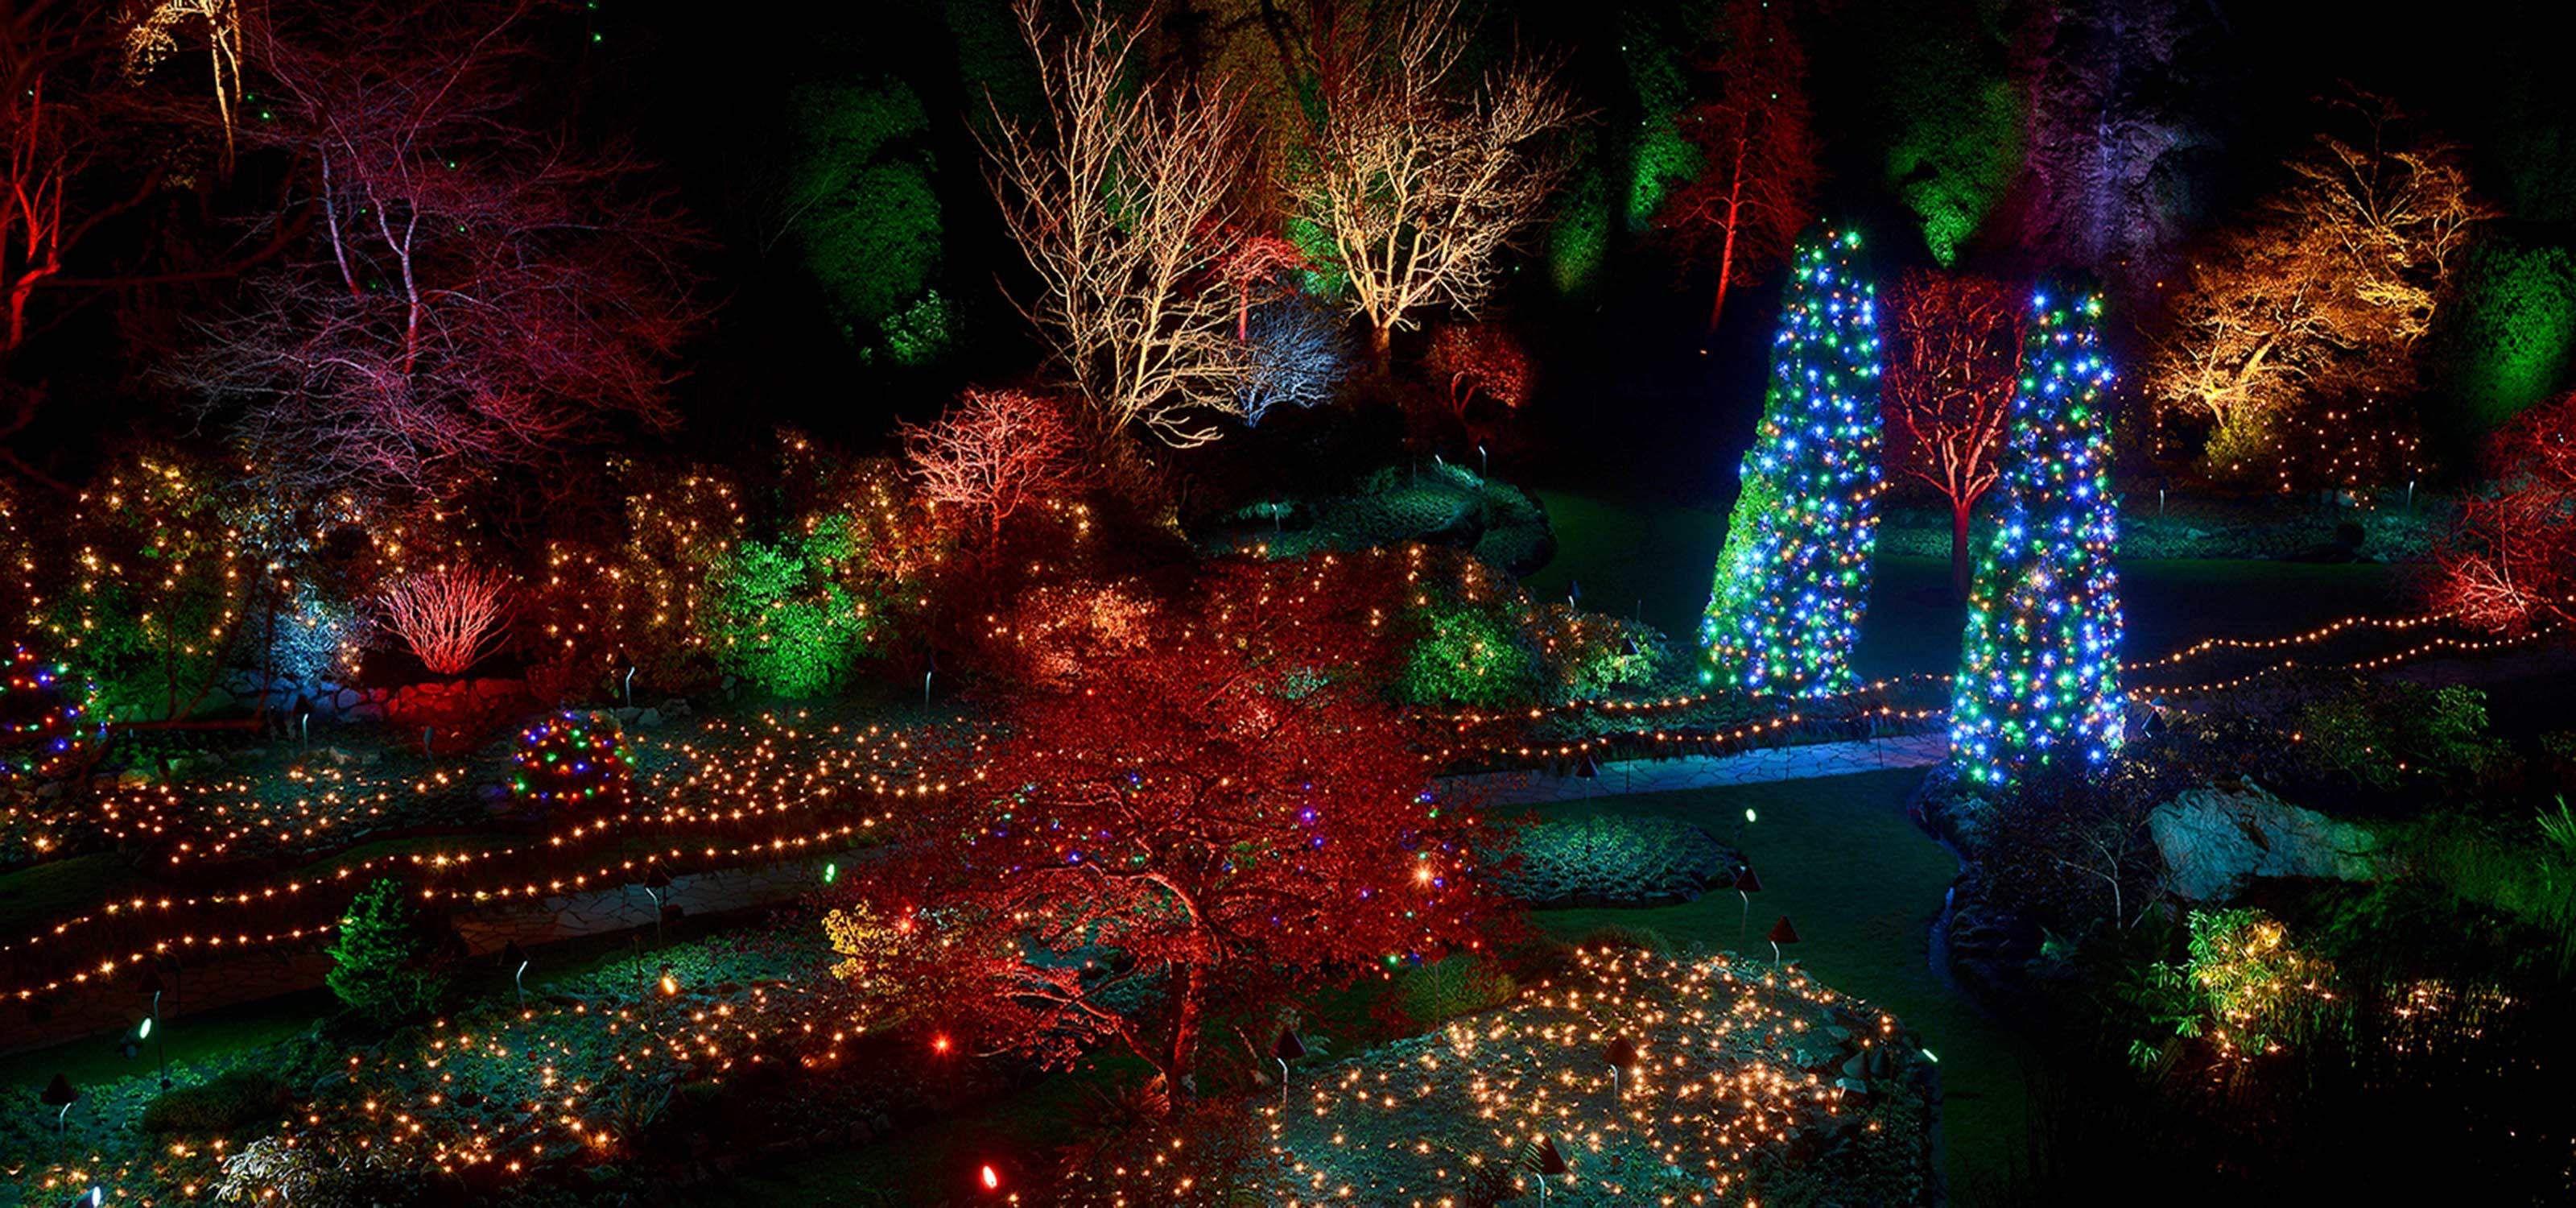 711576aa02918281349223047b72add7 - The Butchart Gardens Christmas Lights Tour